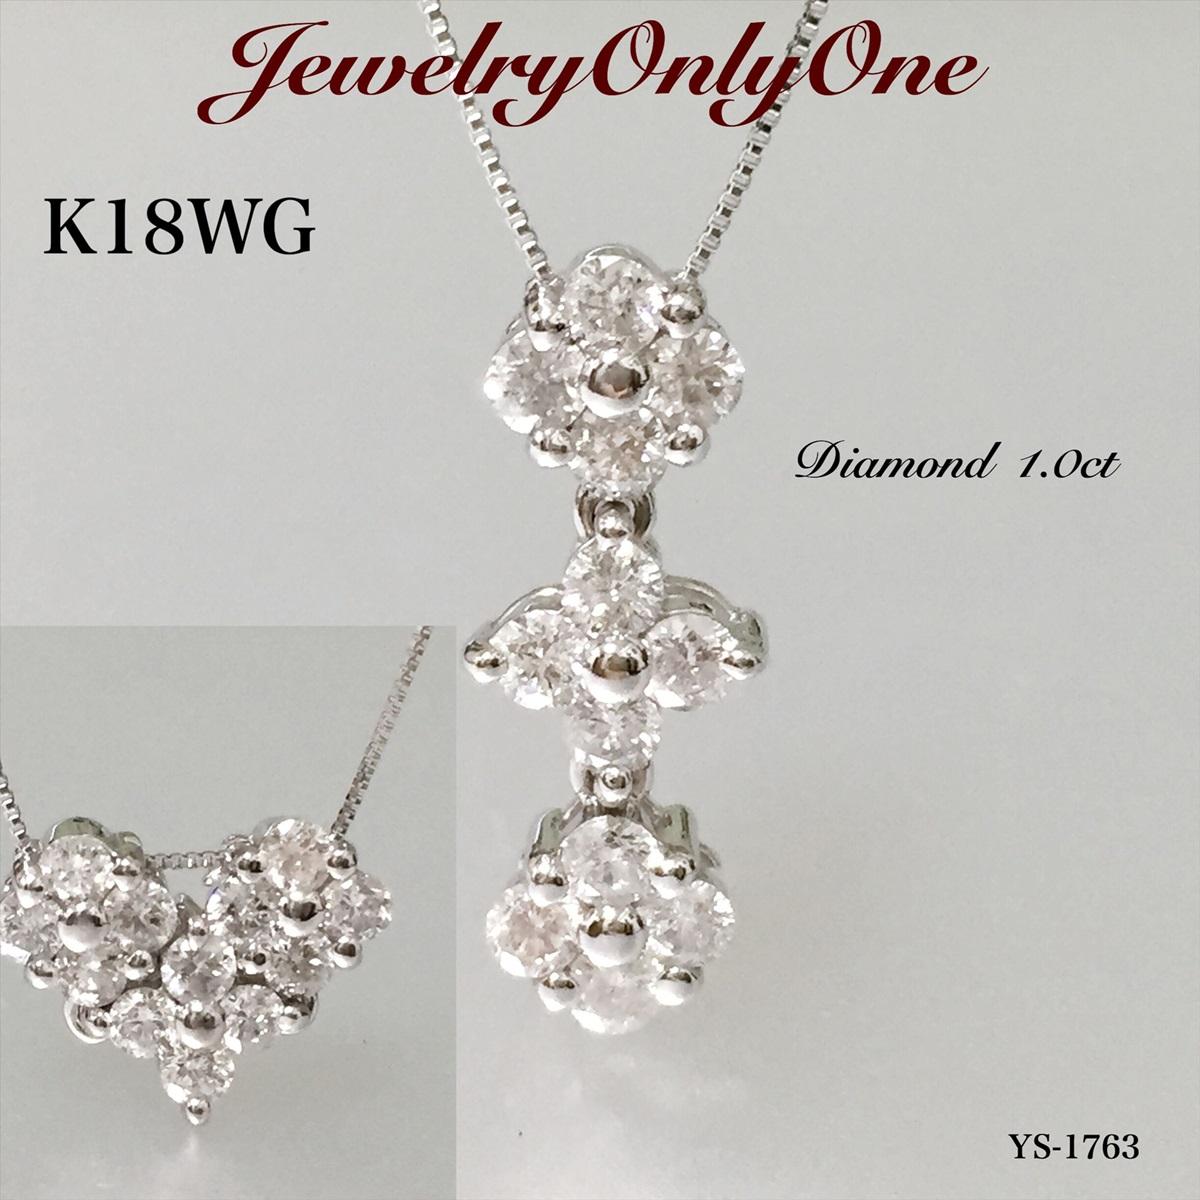 ダイアモンドK18ホワイトゴールドペンダント K18WGダイアプチネックレス 綺麗なダイアネックレス 4月誕生石